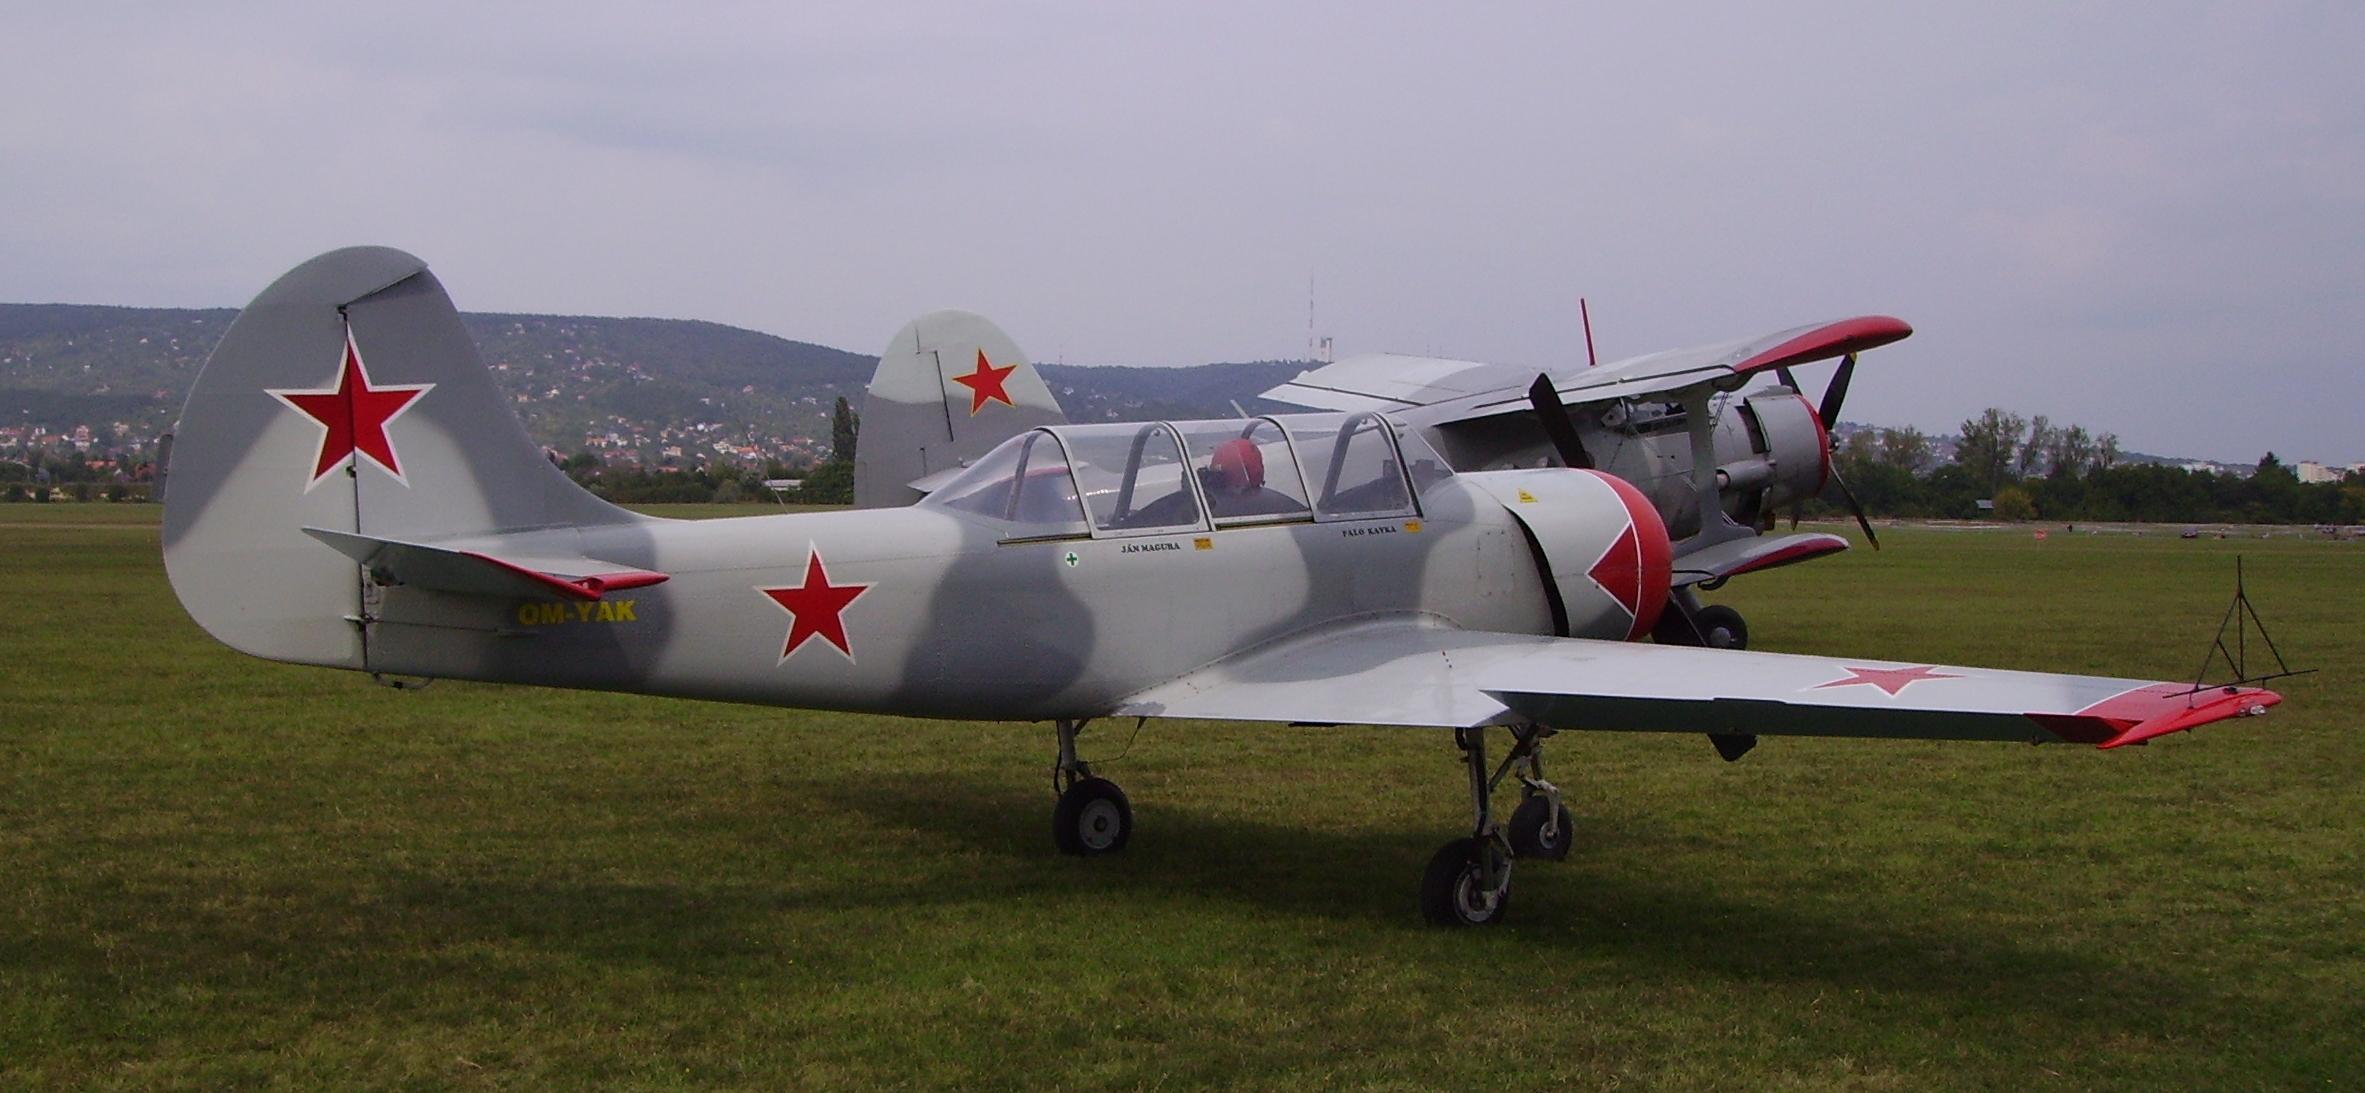 Jak-52+An-2